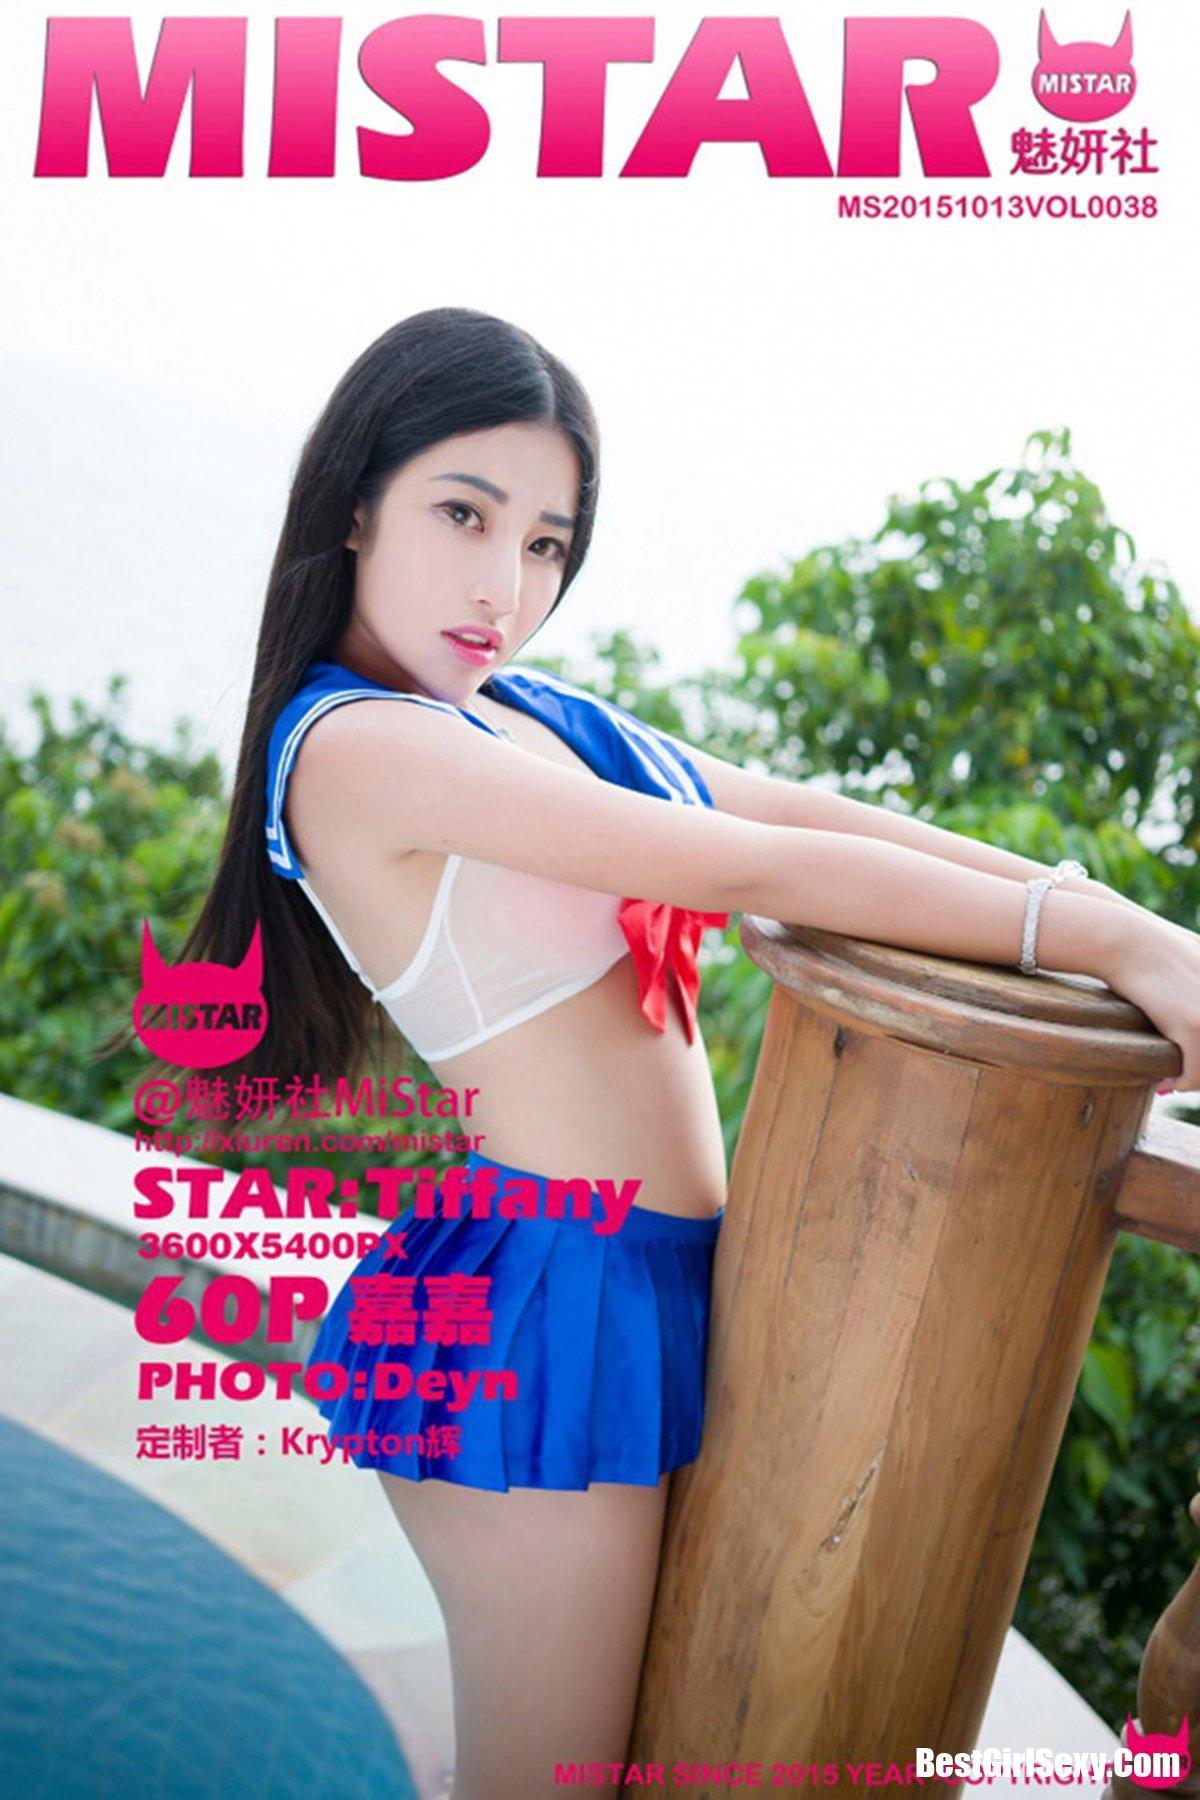 MiStar魅妍社 Vol.038 Jia Jia Tiffany 1